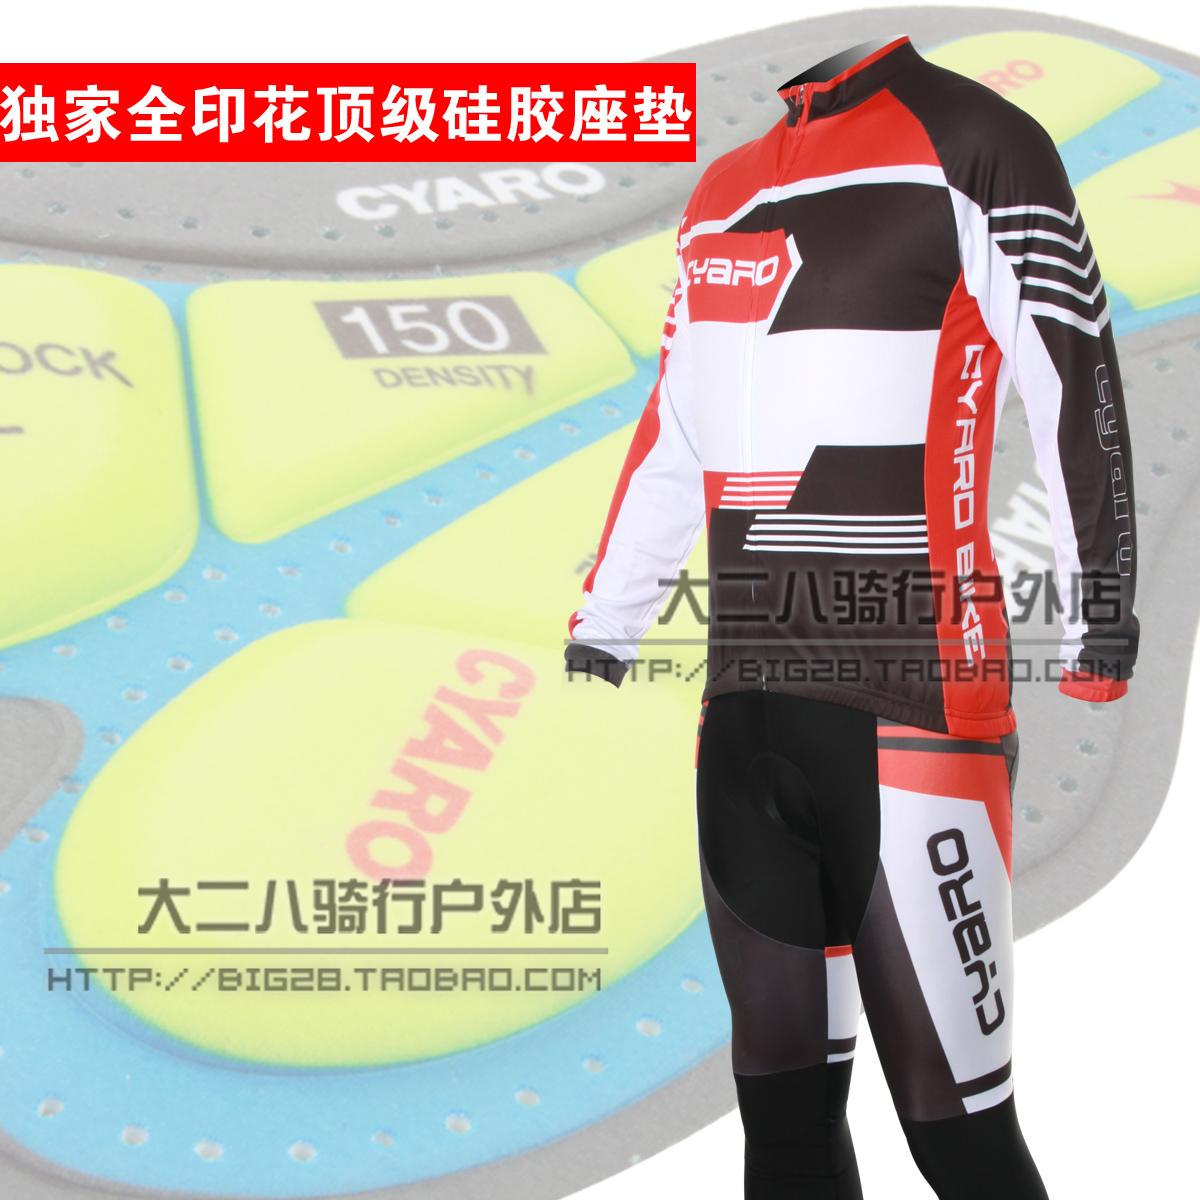 Одежда для велоспорта  110 CYARO одежда для велоспорта inbike tianhe